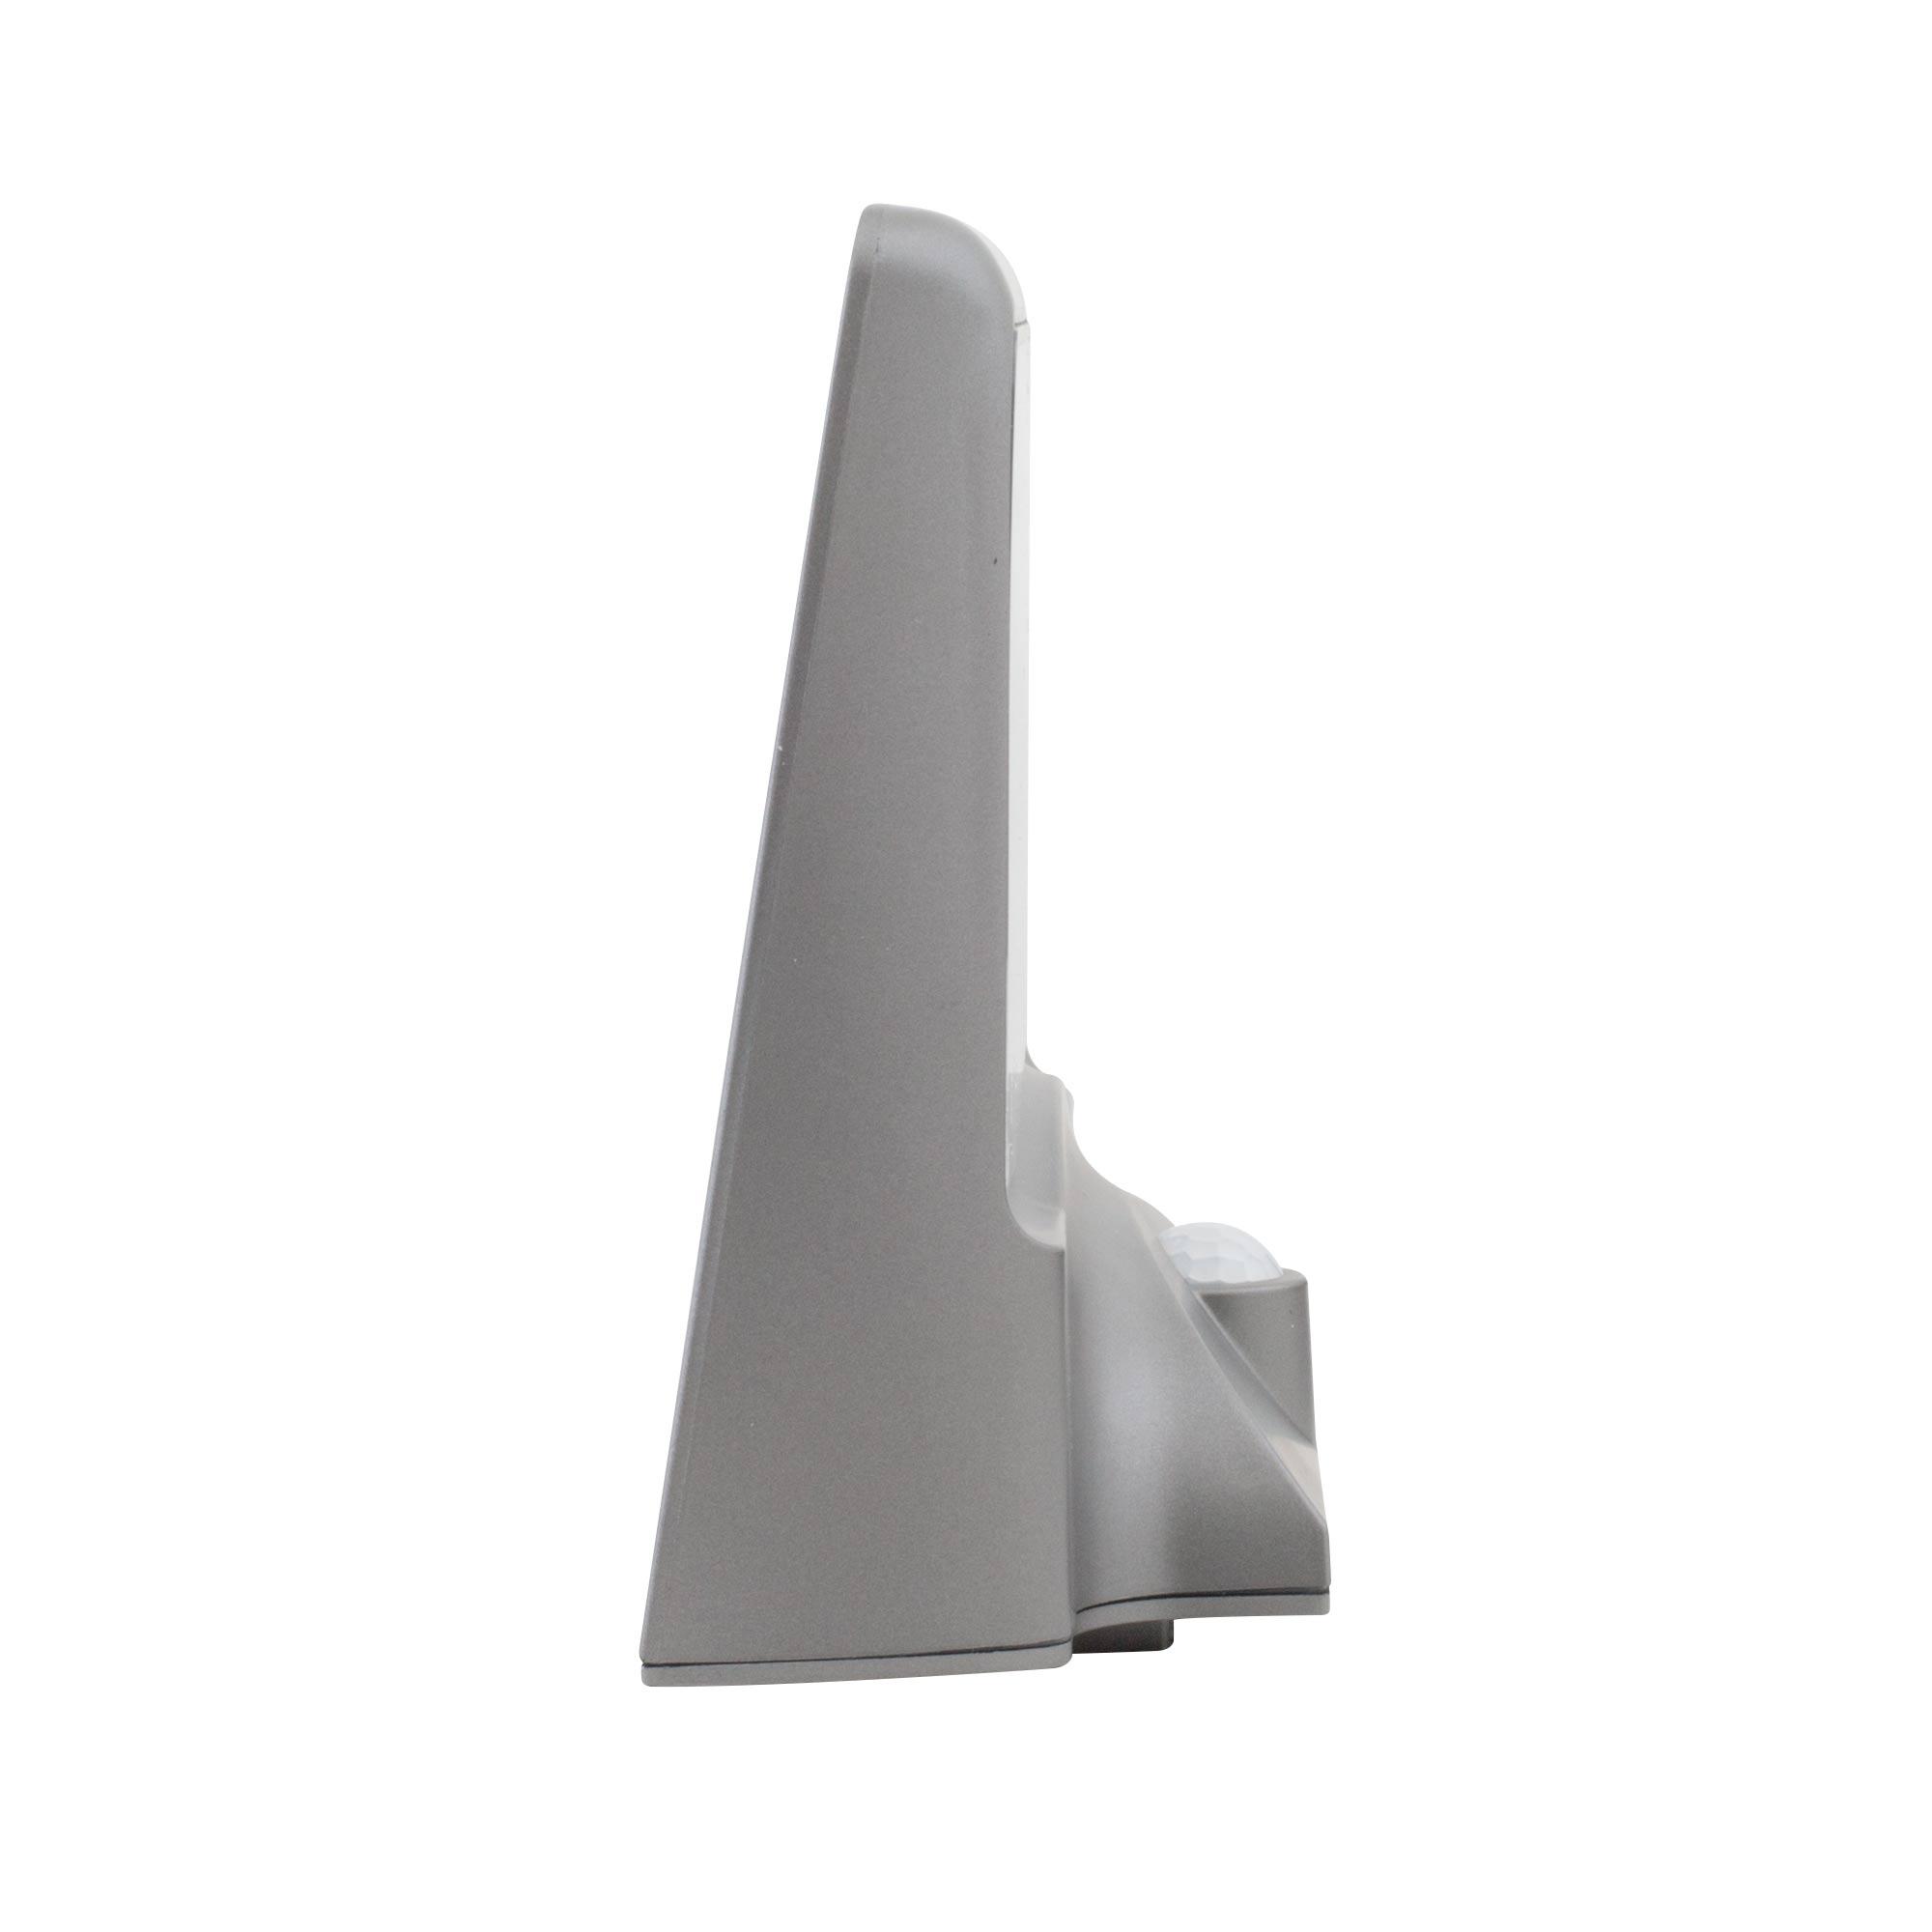 applique solaire avec detecteur de mouvement b1500 grey. Black Bedroom Furniture Sets. Home Design Ideas